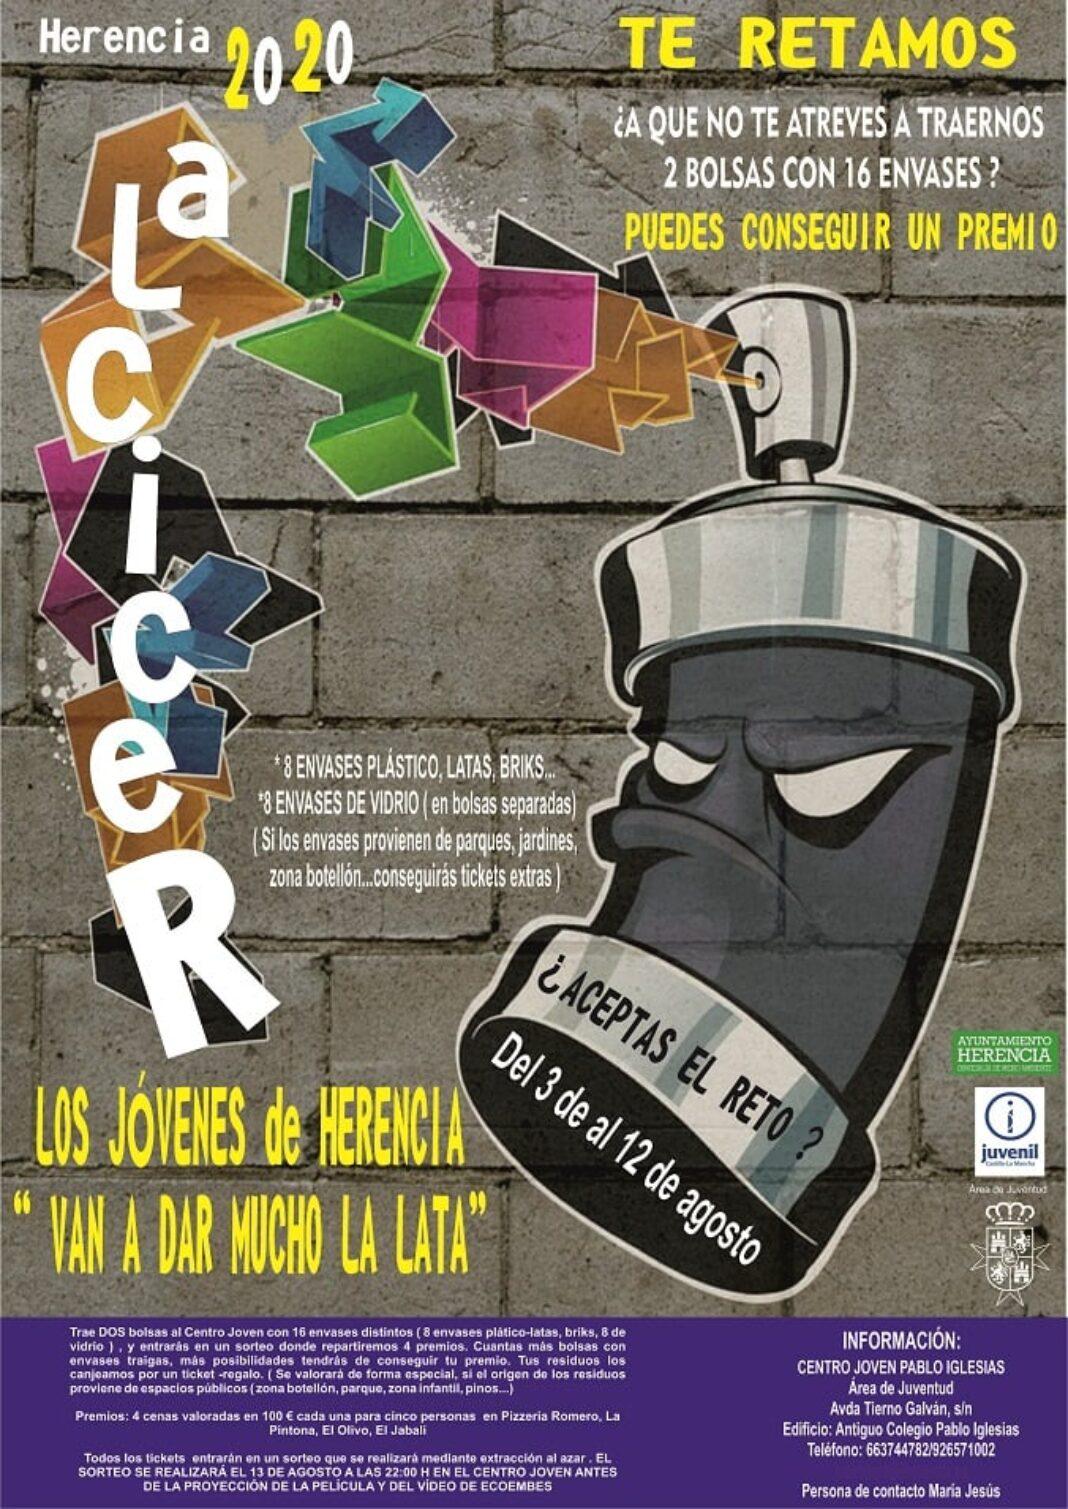 Campaña para concienciar en reciclaje a los jóvenes de Herencia: «van a dar mucho la lata» 1